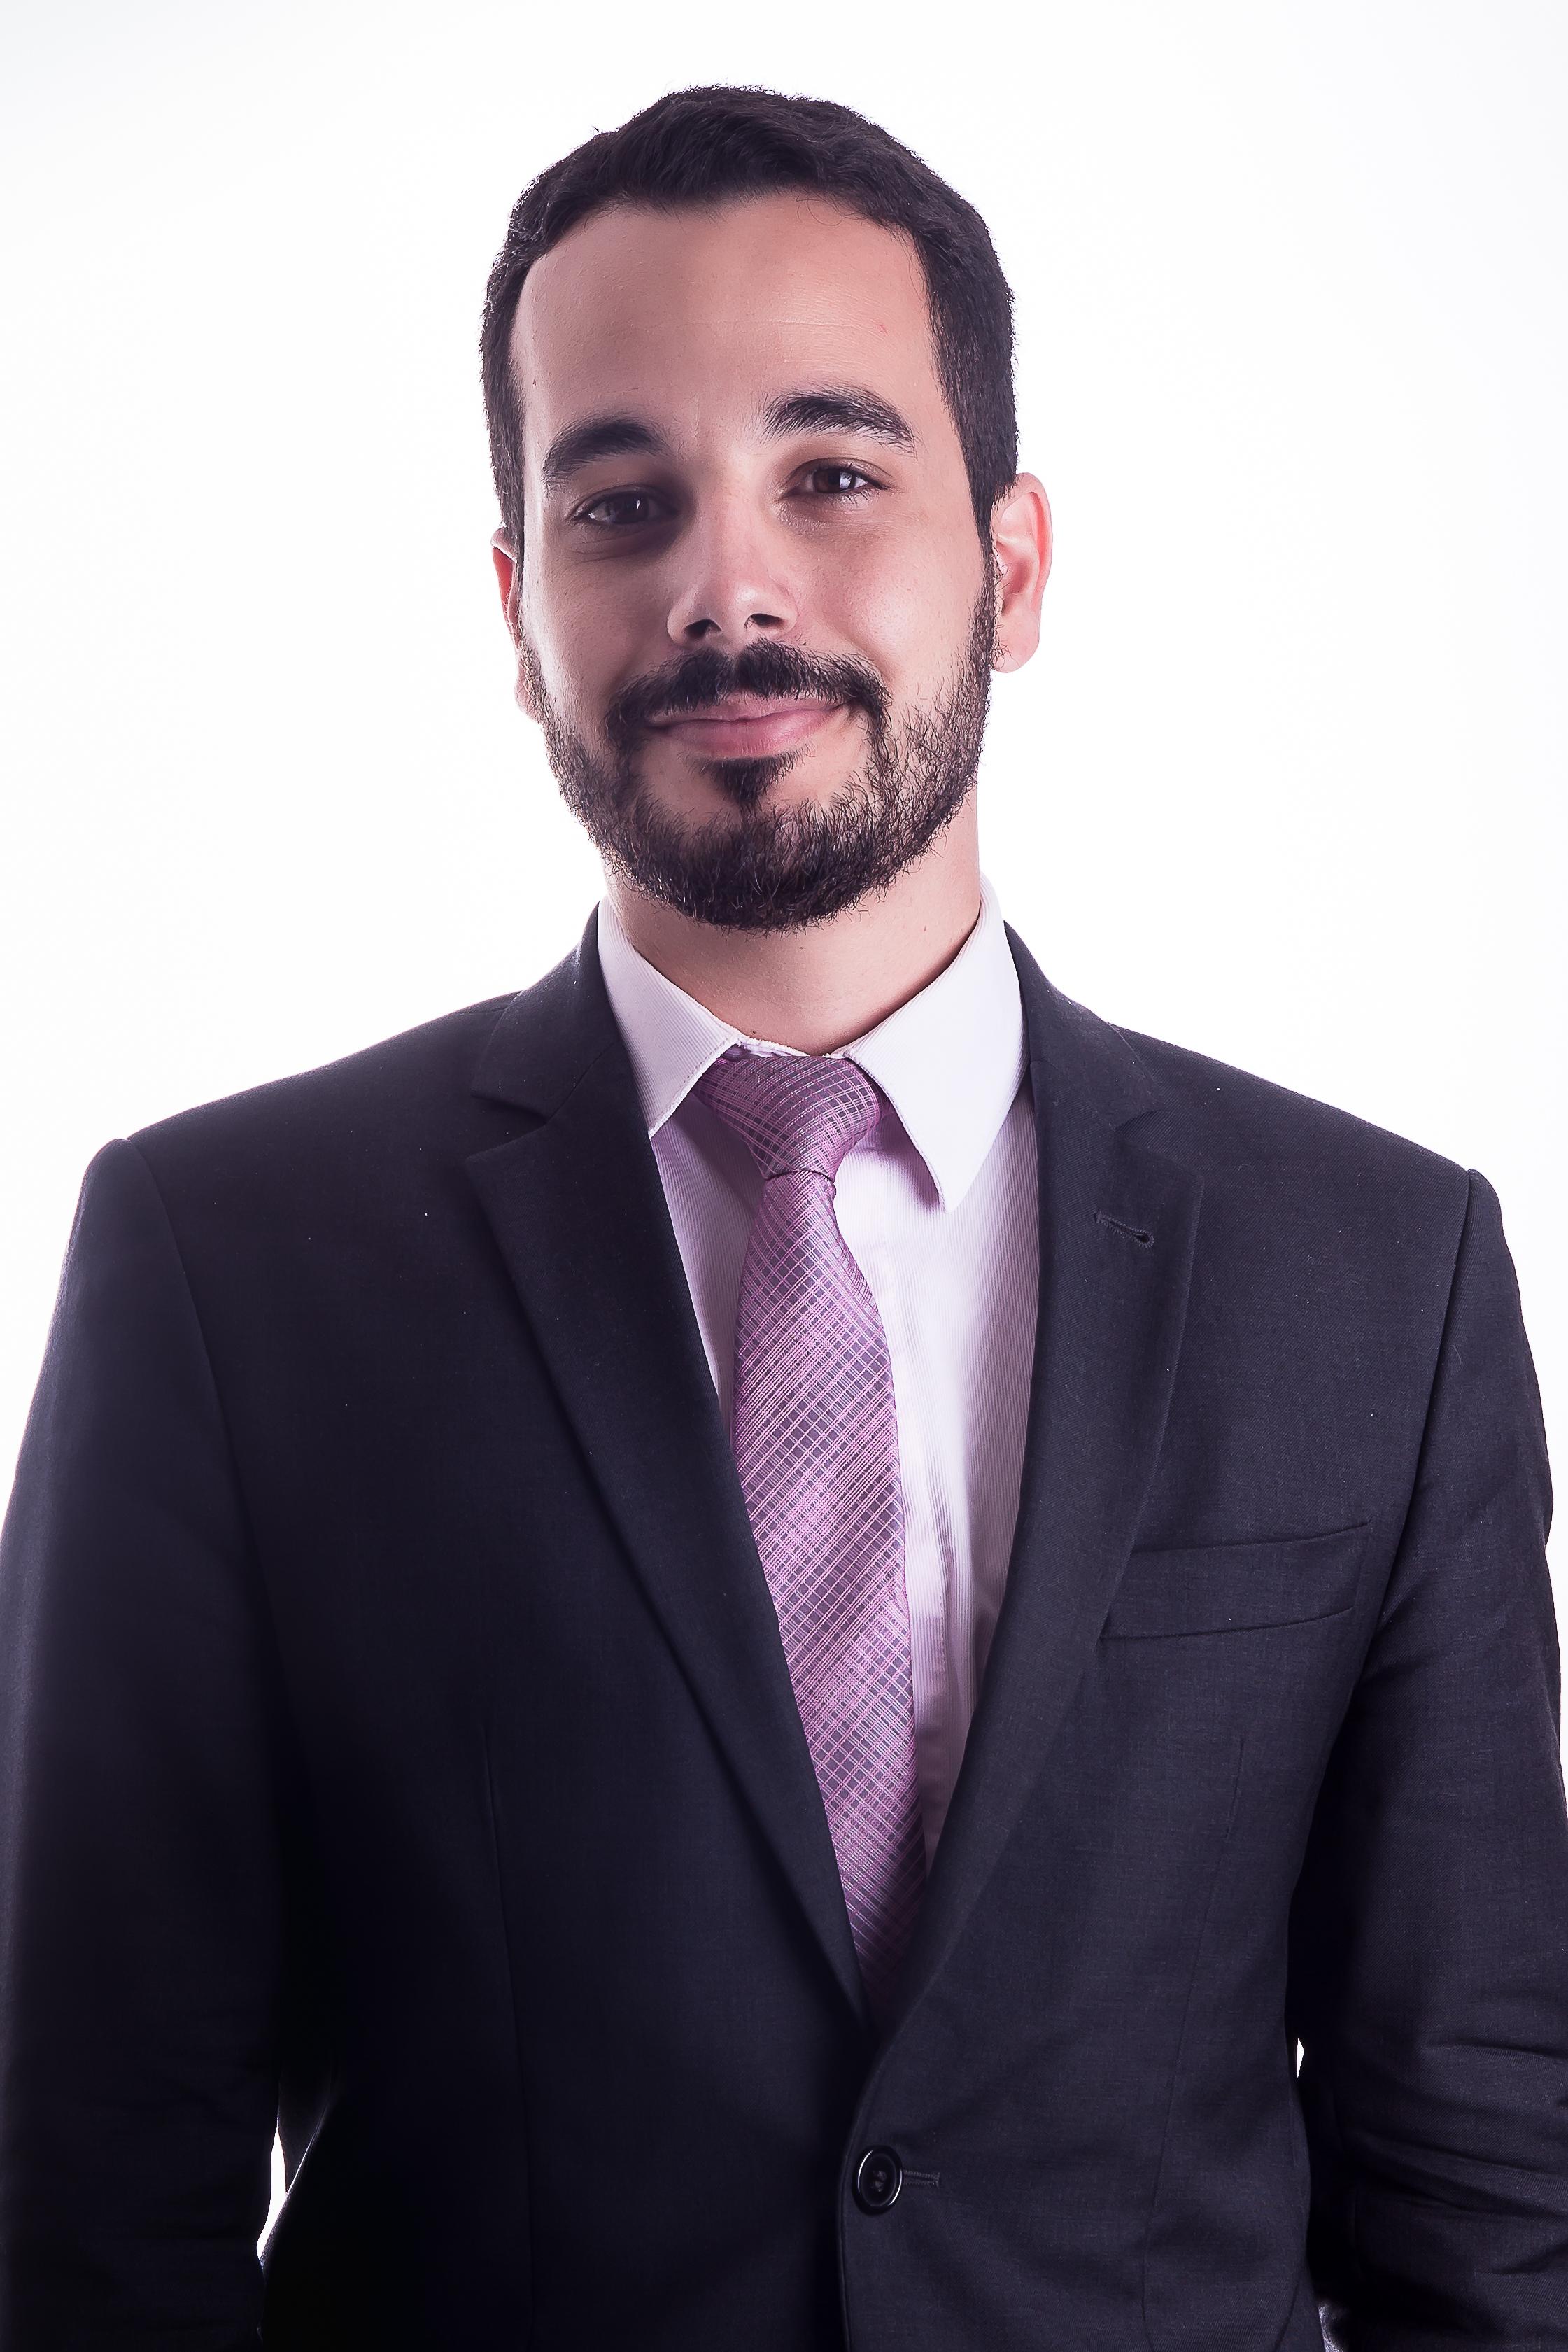 Daniel Massena Ferreira    daniel.massena@daudtadvogados.com.br